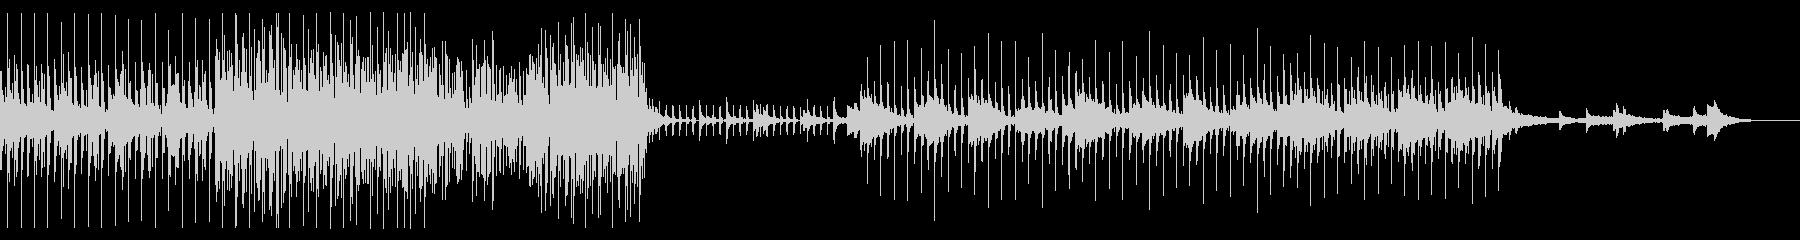 幻想的で洗練された、壮大な曲の未再生の波形